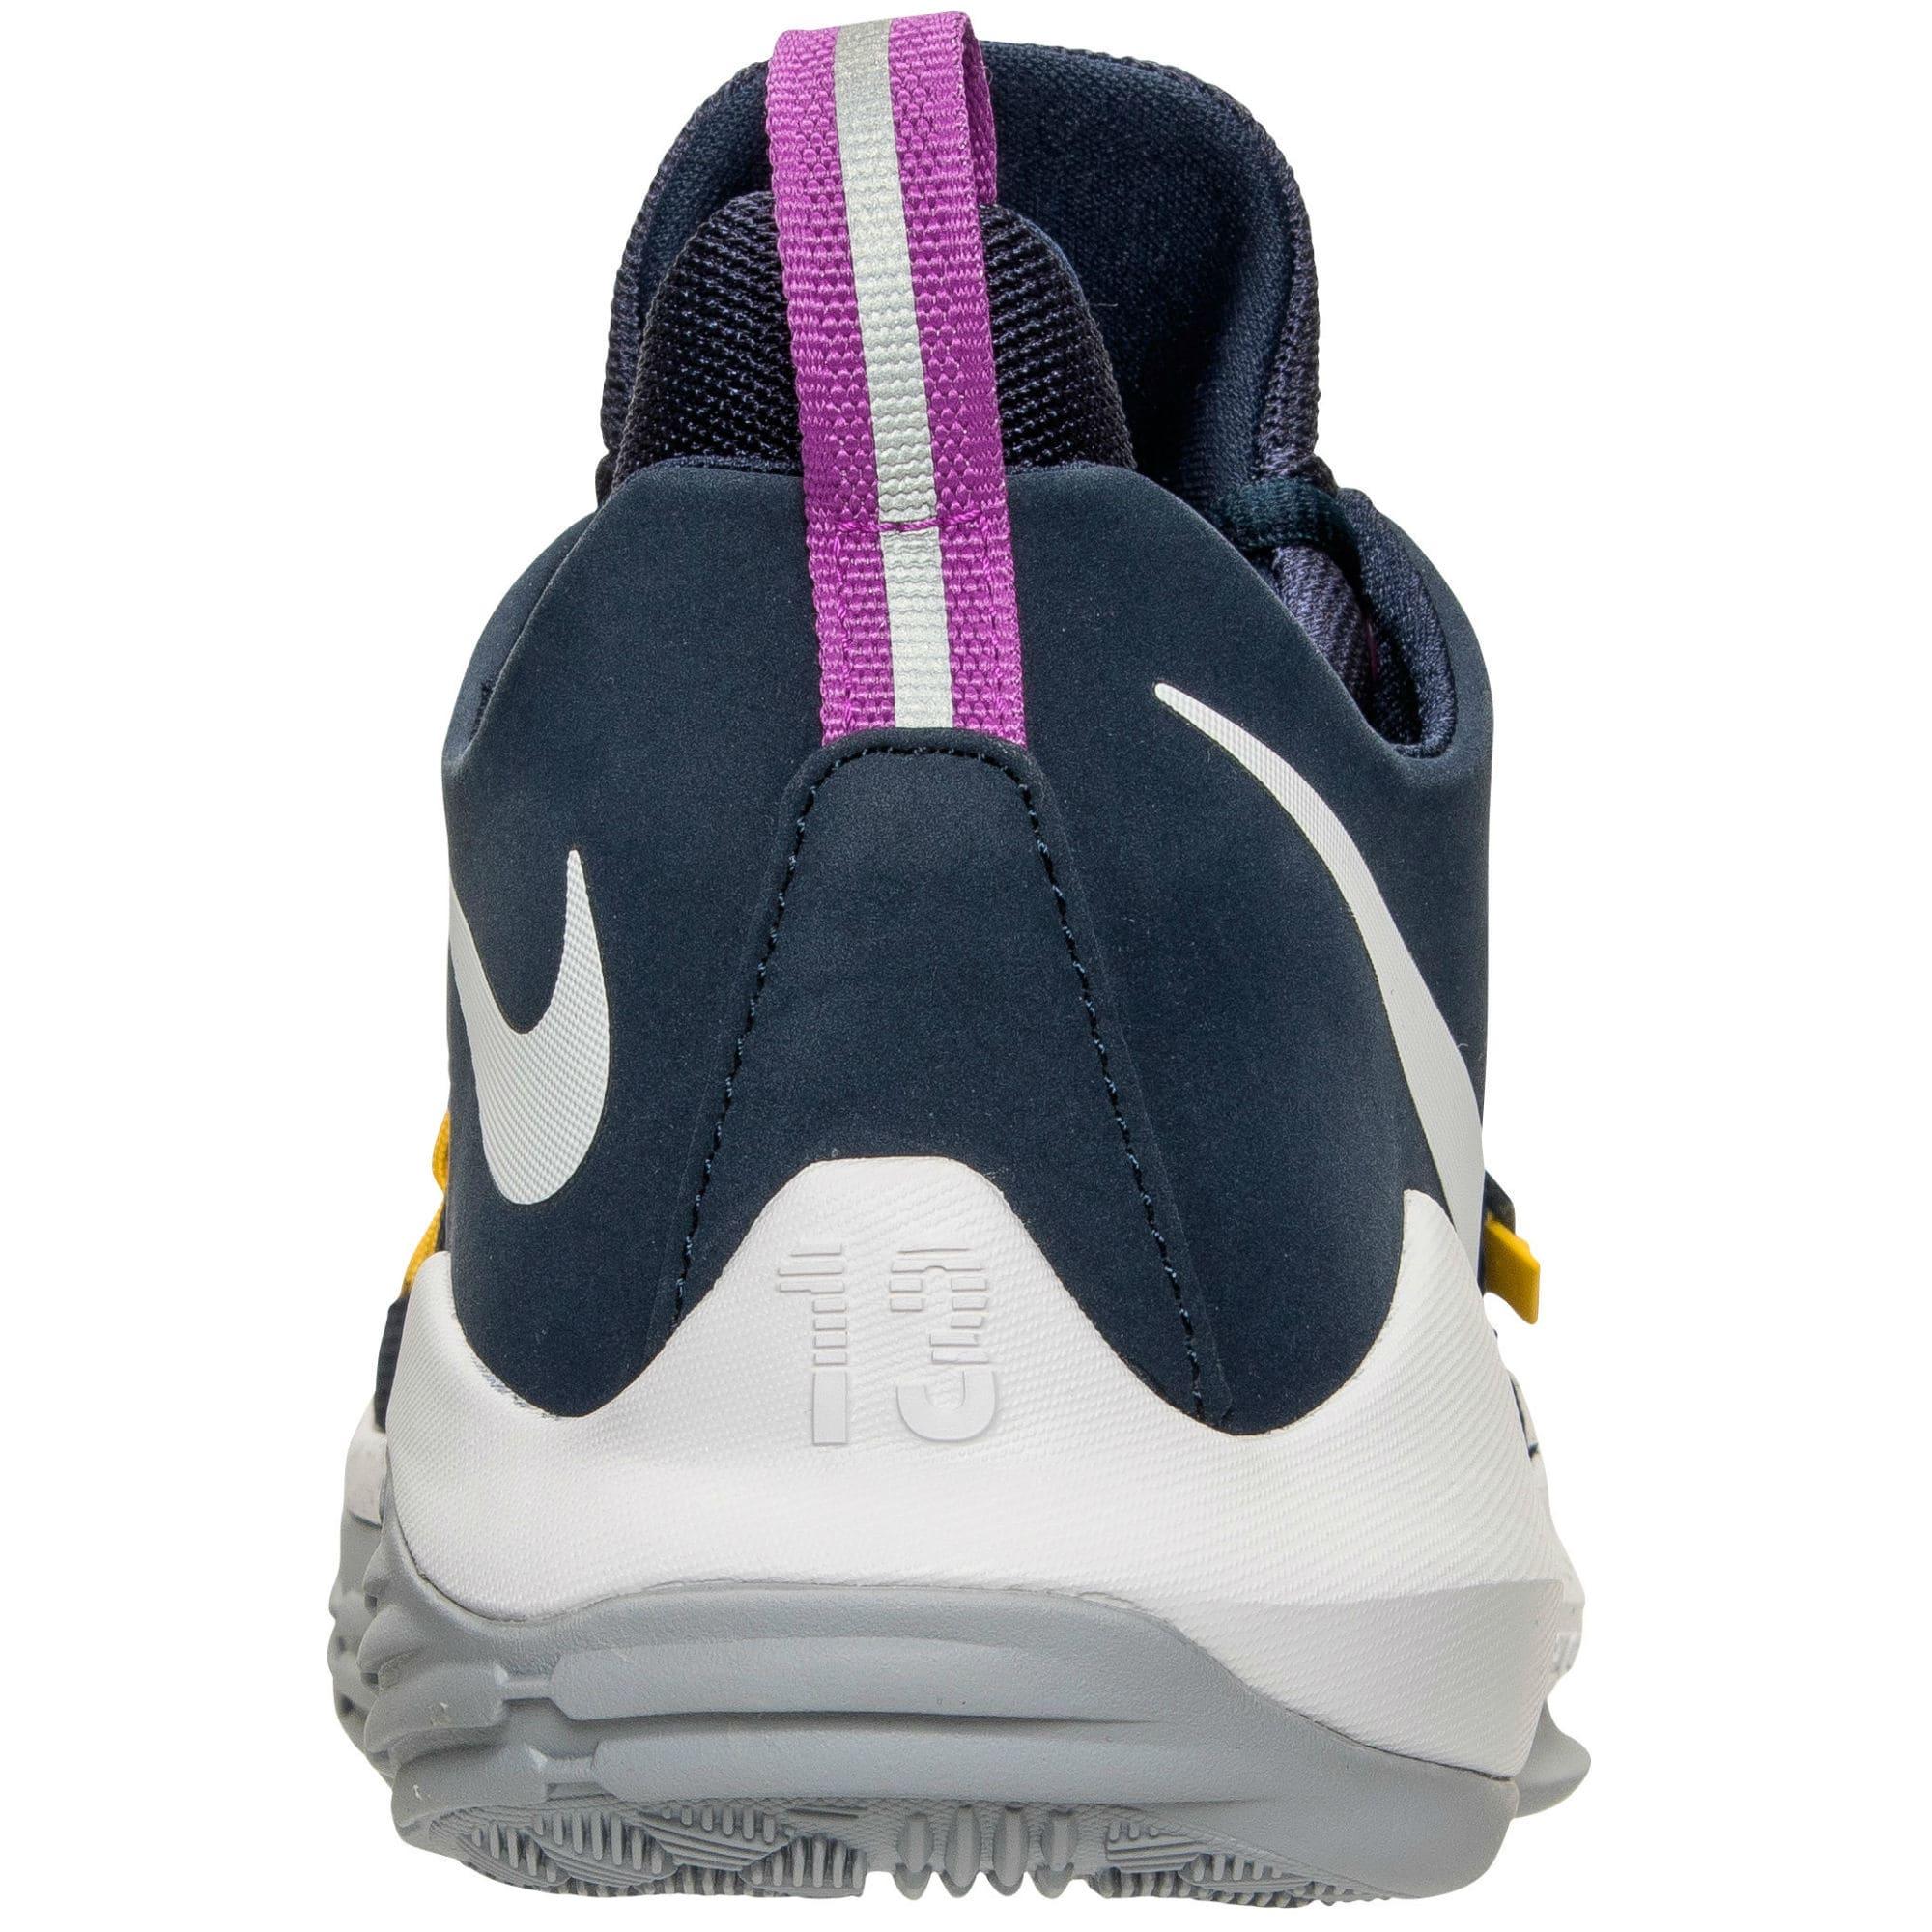 Nike Pg1 El Cebo Tiene Una Kicks Fecha De Lanzamiento Nice Kicks Una f0e941